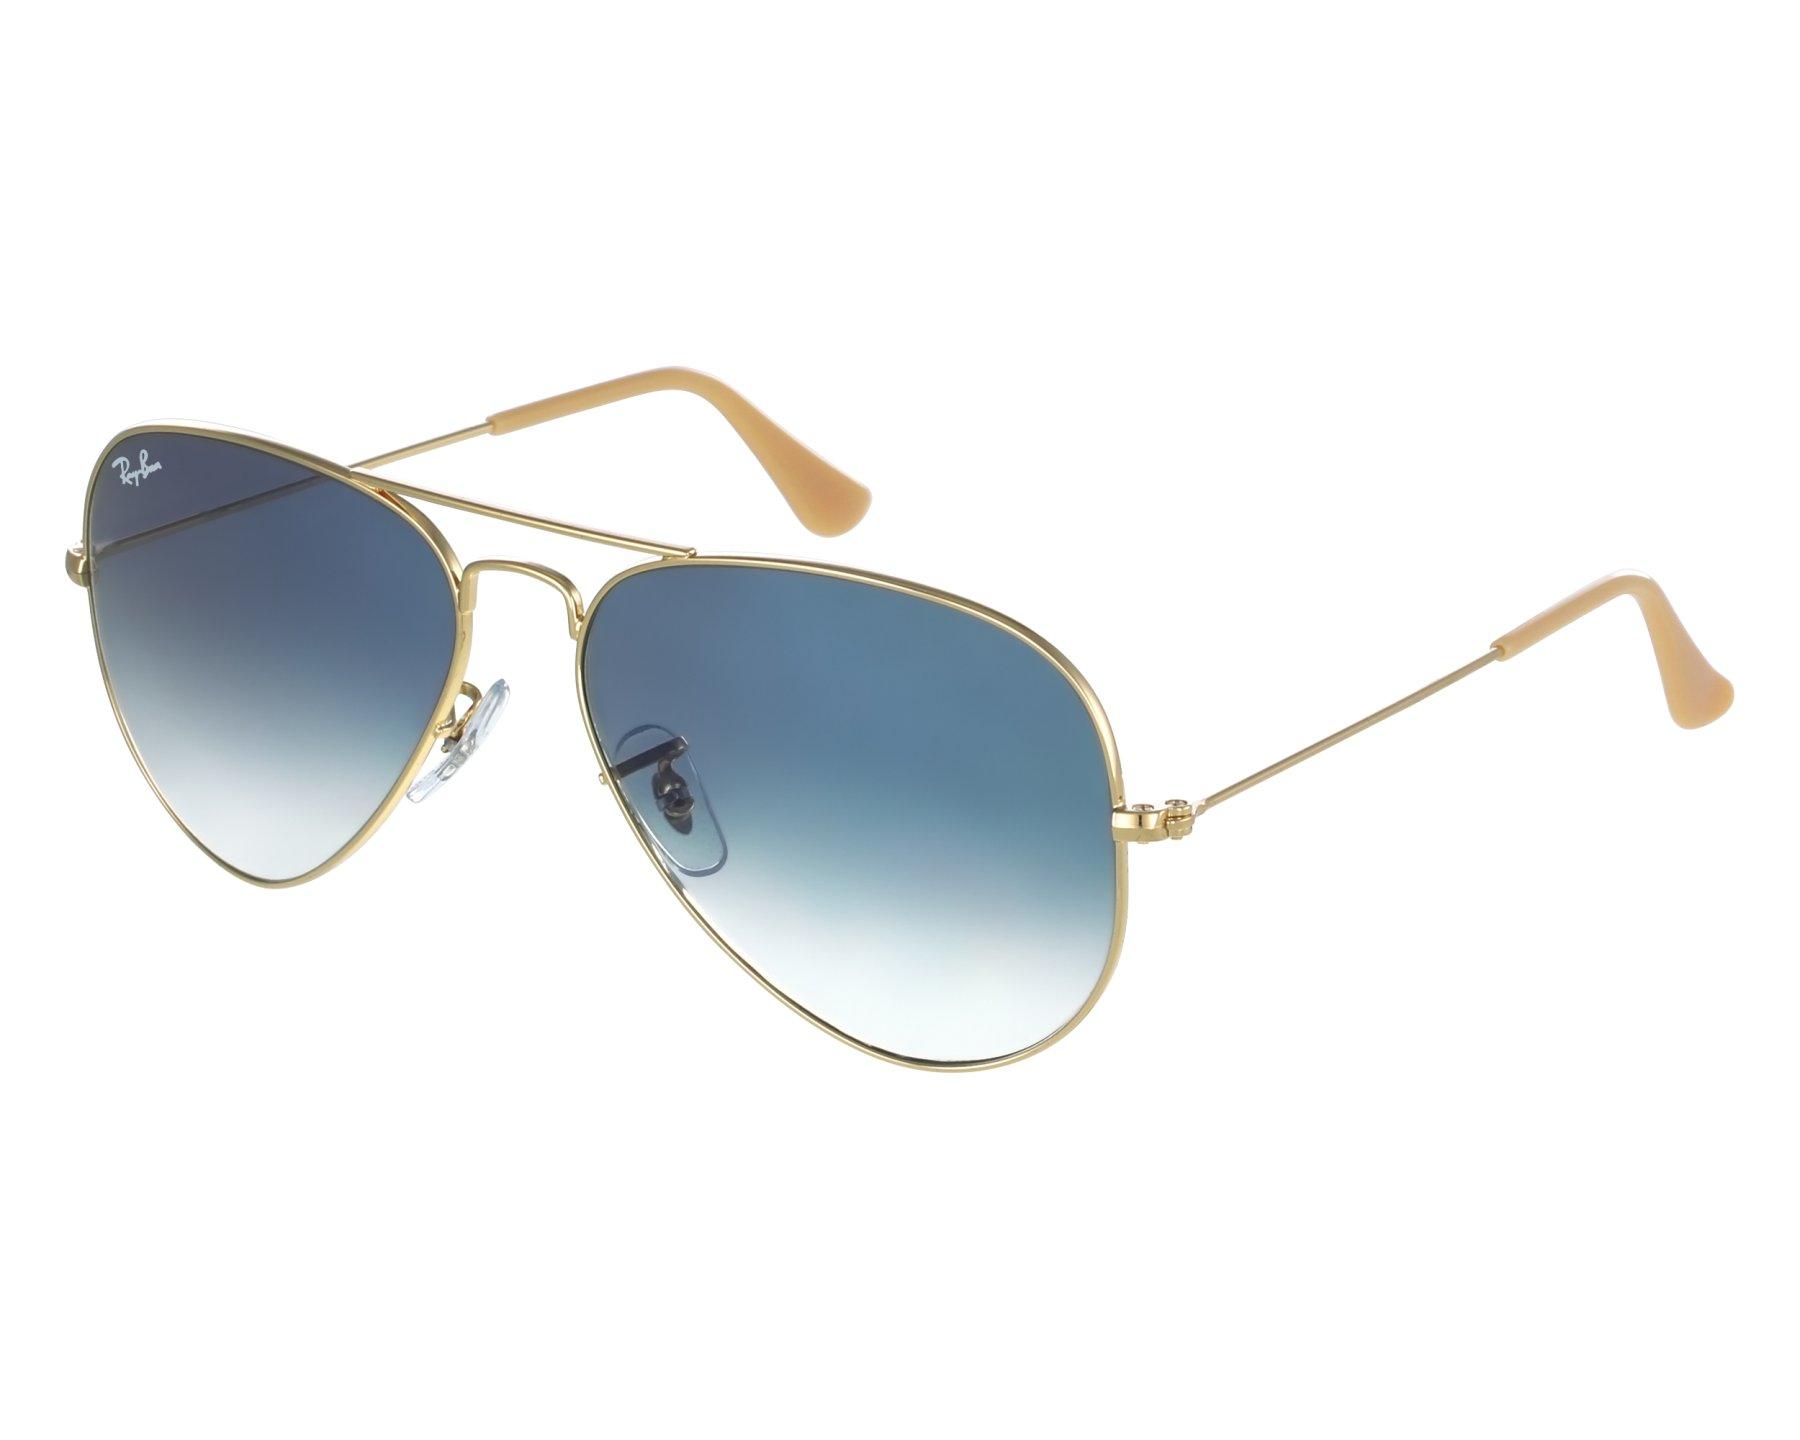 Vorschaubild Sonnenbrillen Ray-Ban RB-3025 001 3F 55-14 gold Vorderansicht 05643c8985bc